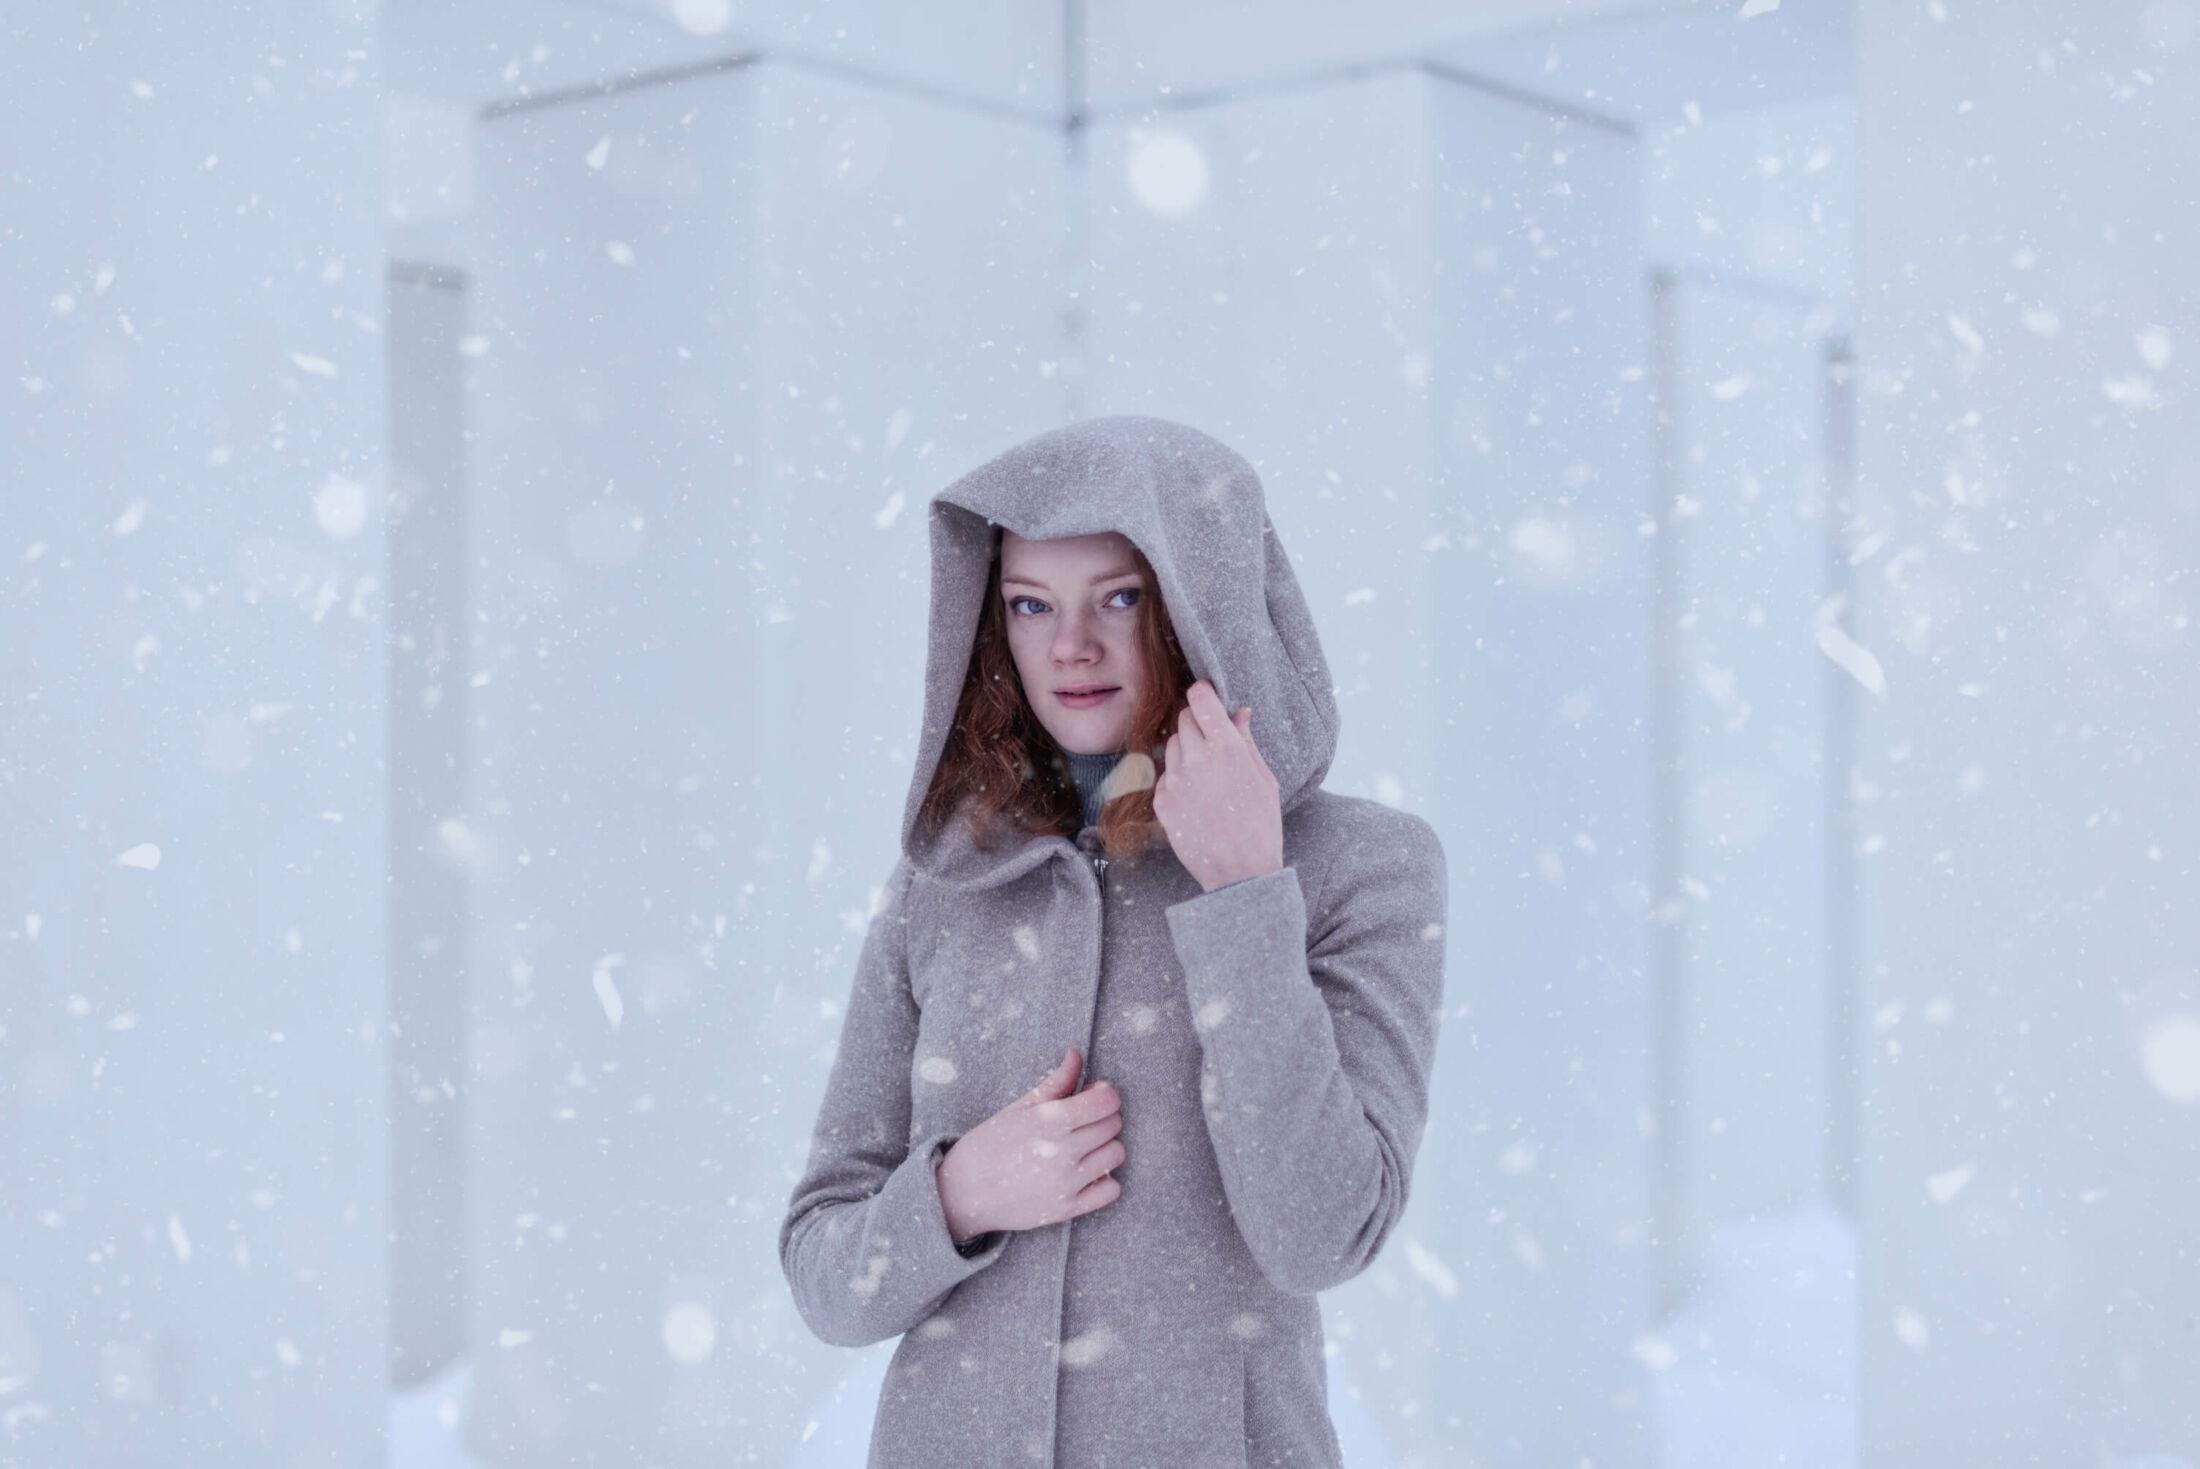 henkilökuvaus-laura talvella huppu päässä jyväskylän satamassa